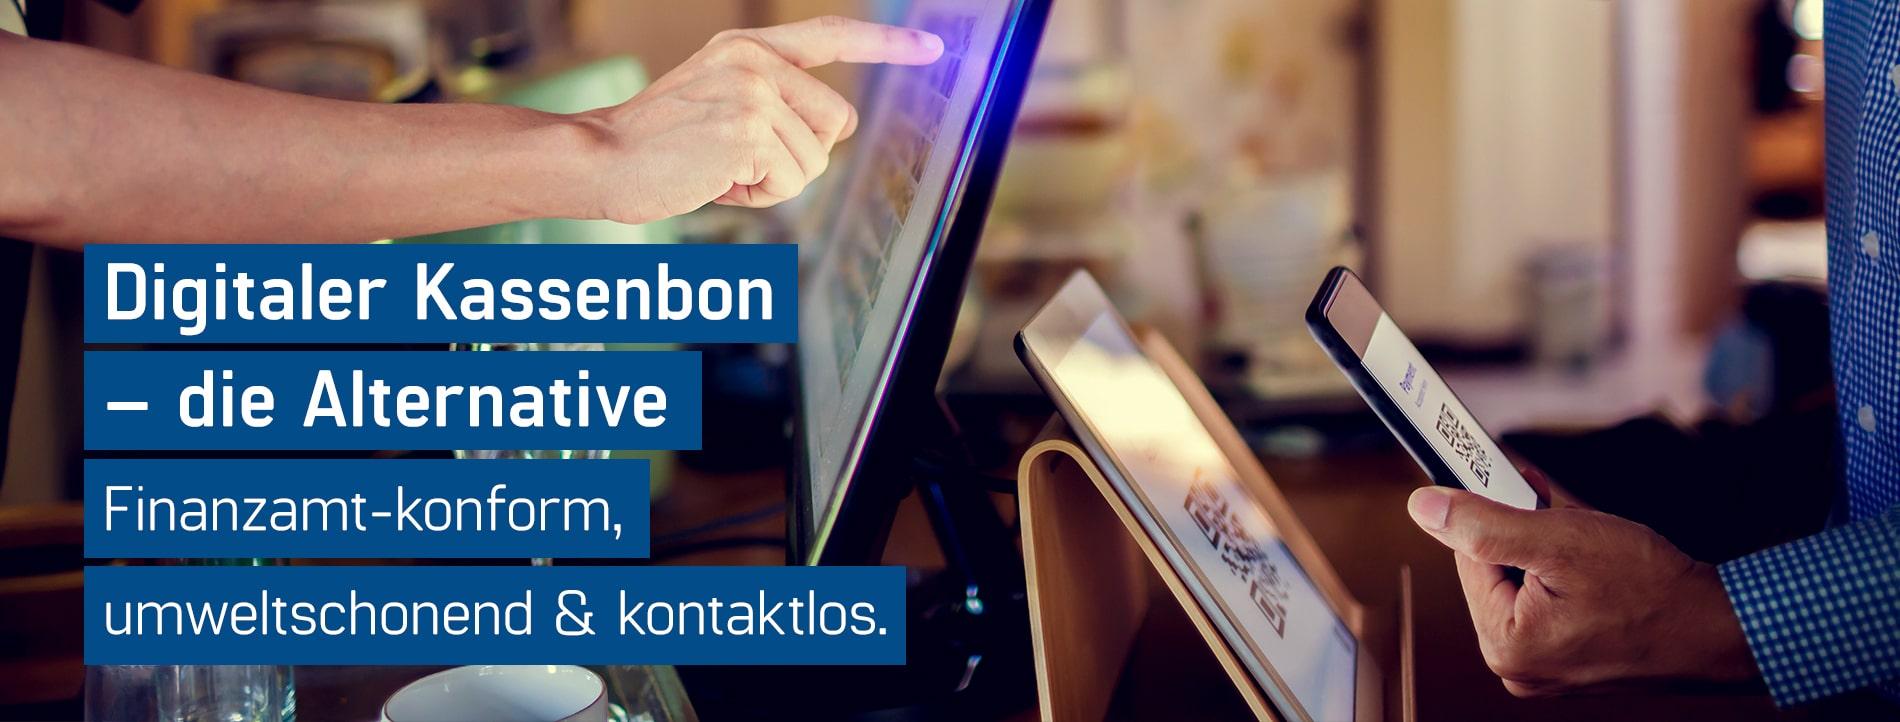 Gastronom übergibt den neuen digitalen Kassenbon von GastroSoft an einen Kunden